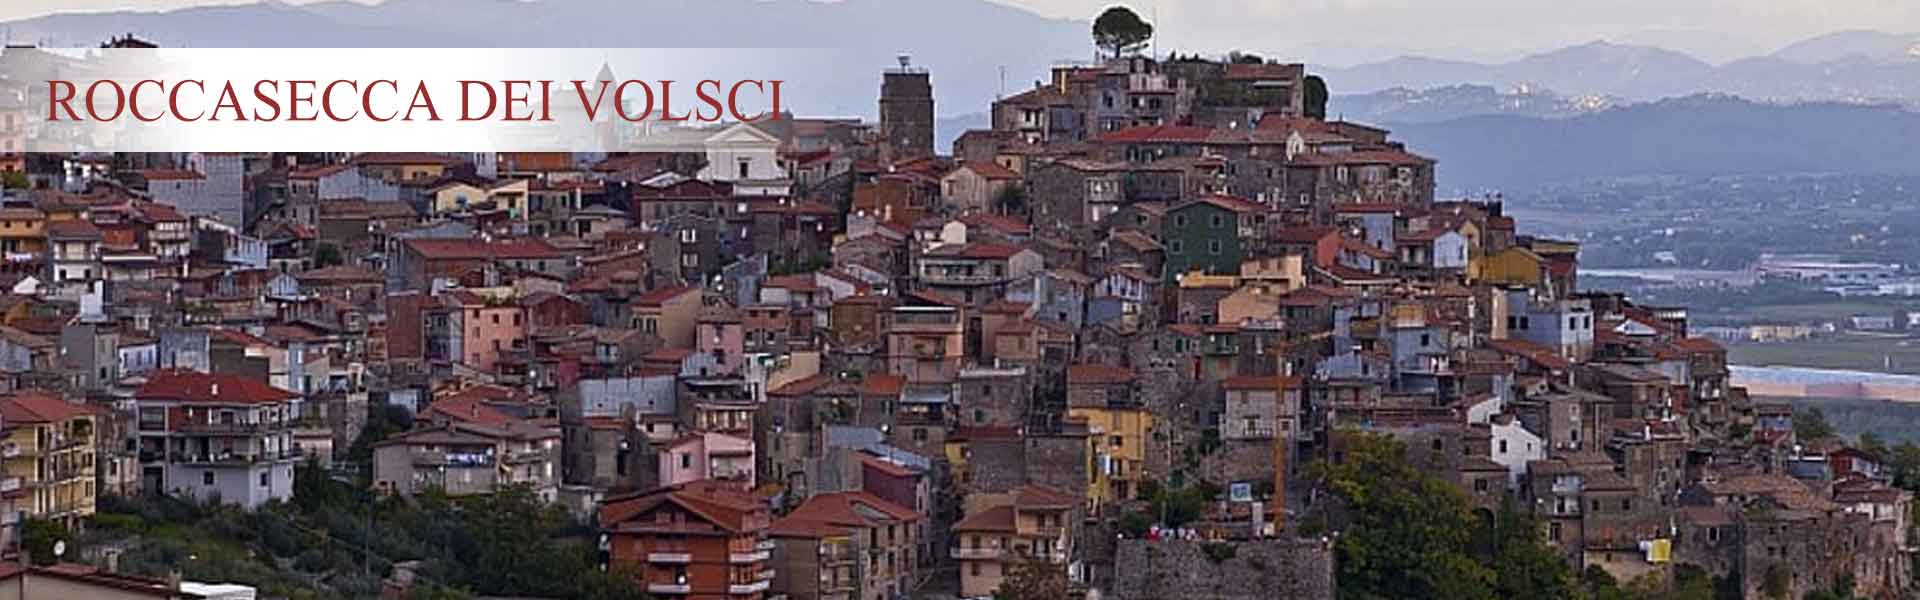 copertina-pagina-roccasecca-sito